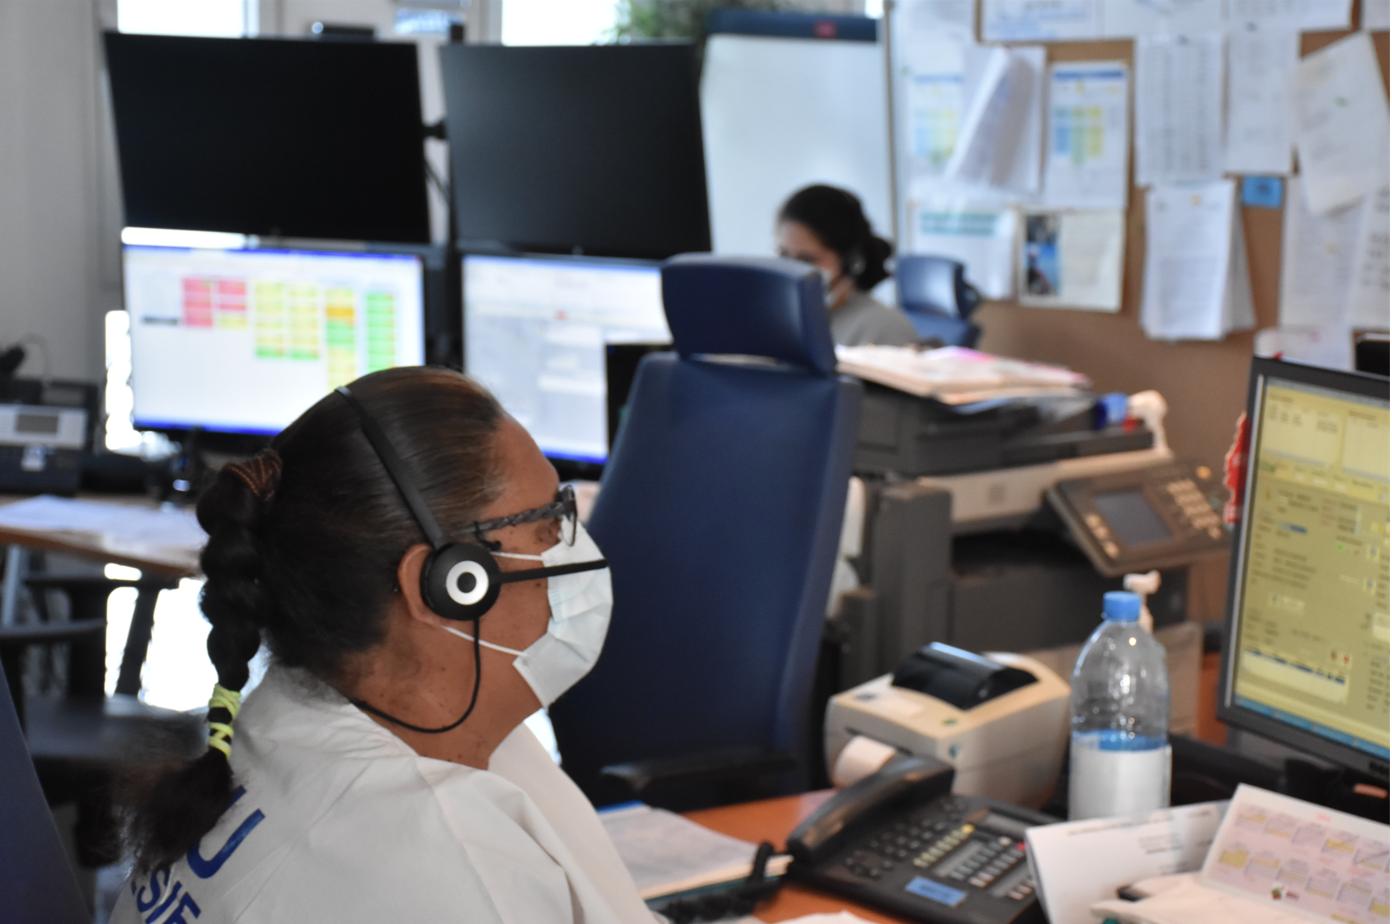 Les services du Samu reçoivent actuellement près de 400 appels par jour.